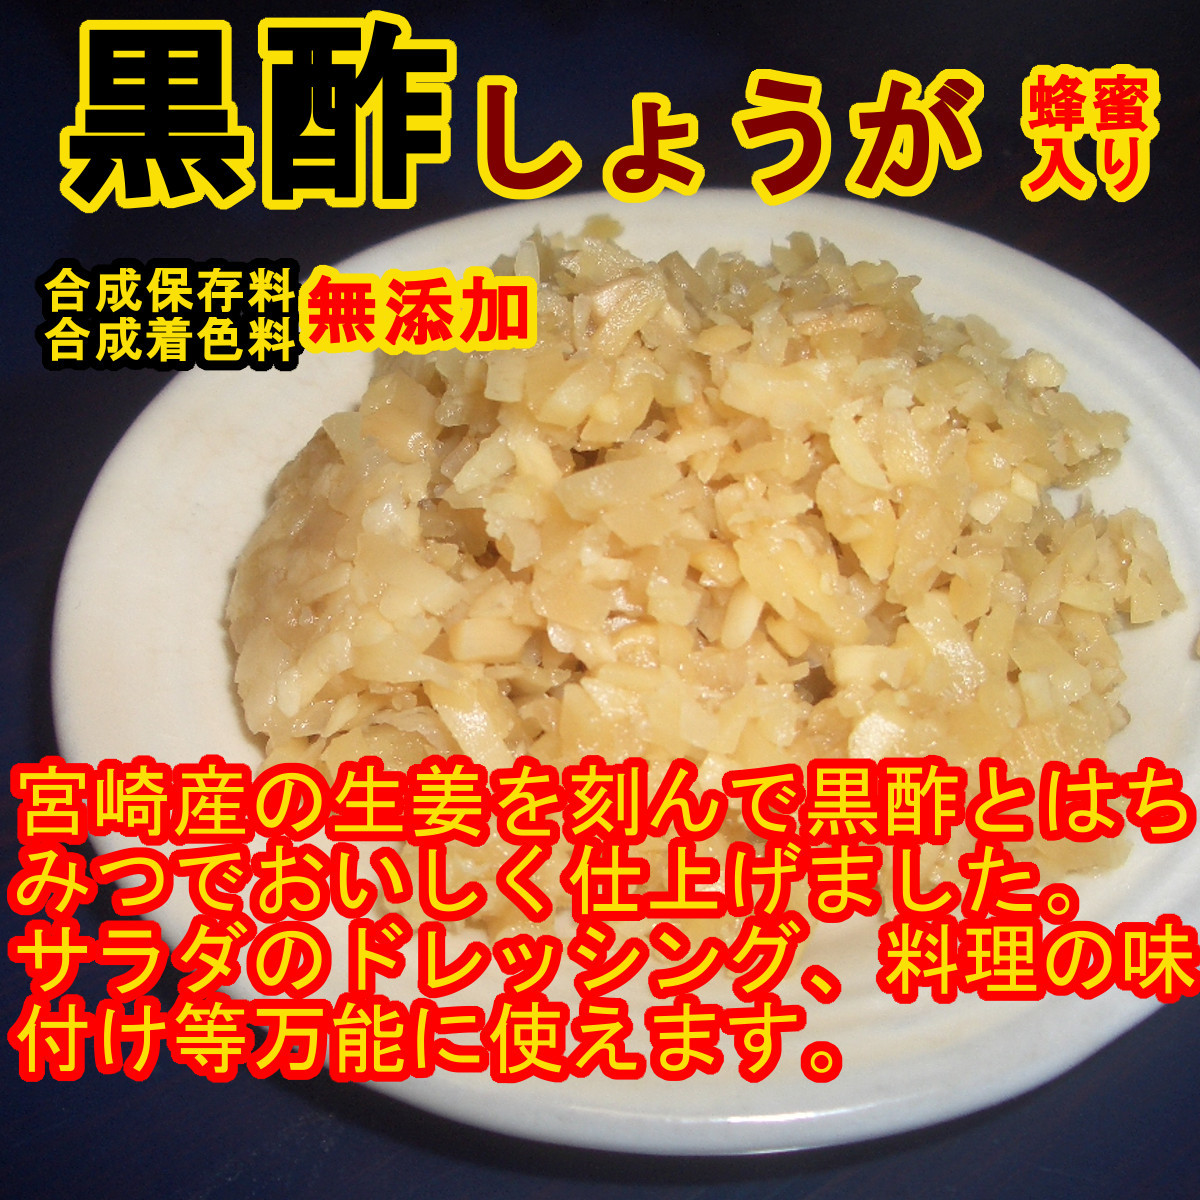 黒酢生姜・蜂蜜入り 20袋 ご飯のお供 色んな料理の薬味 付け合わせに おつまみに おかずに 宮崎県産 生姜使用 送料無料_画像3